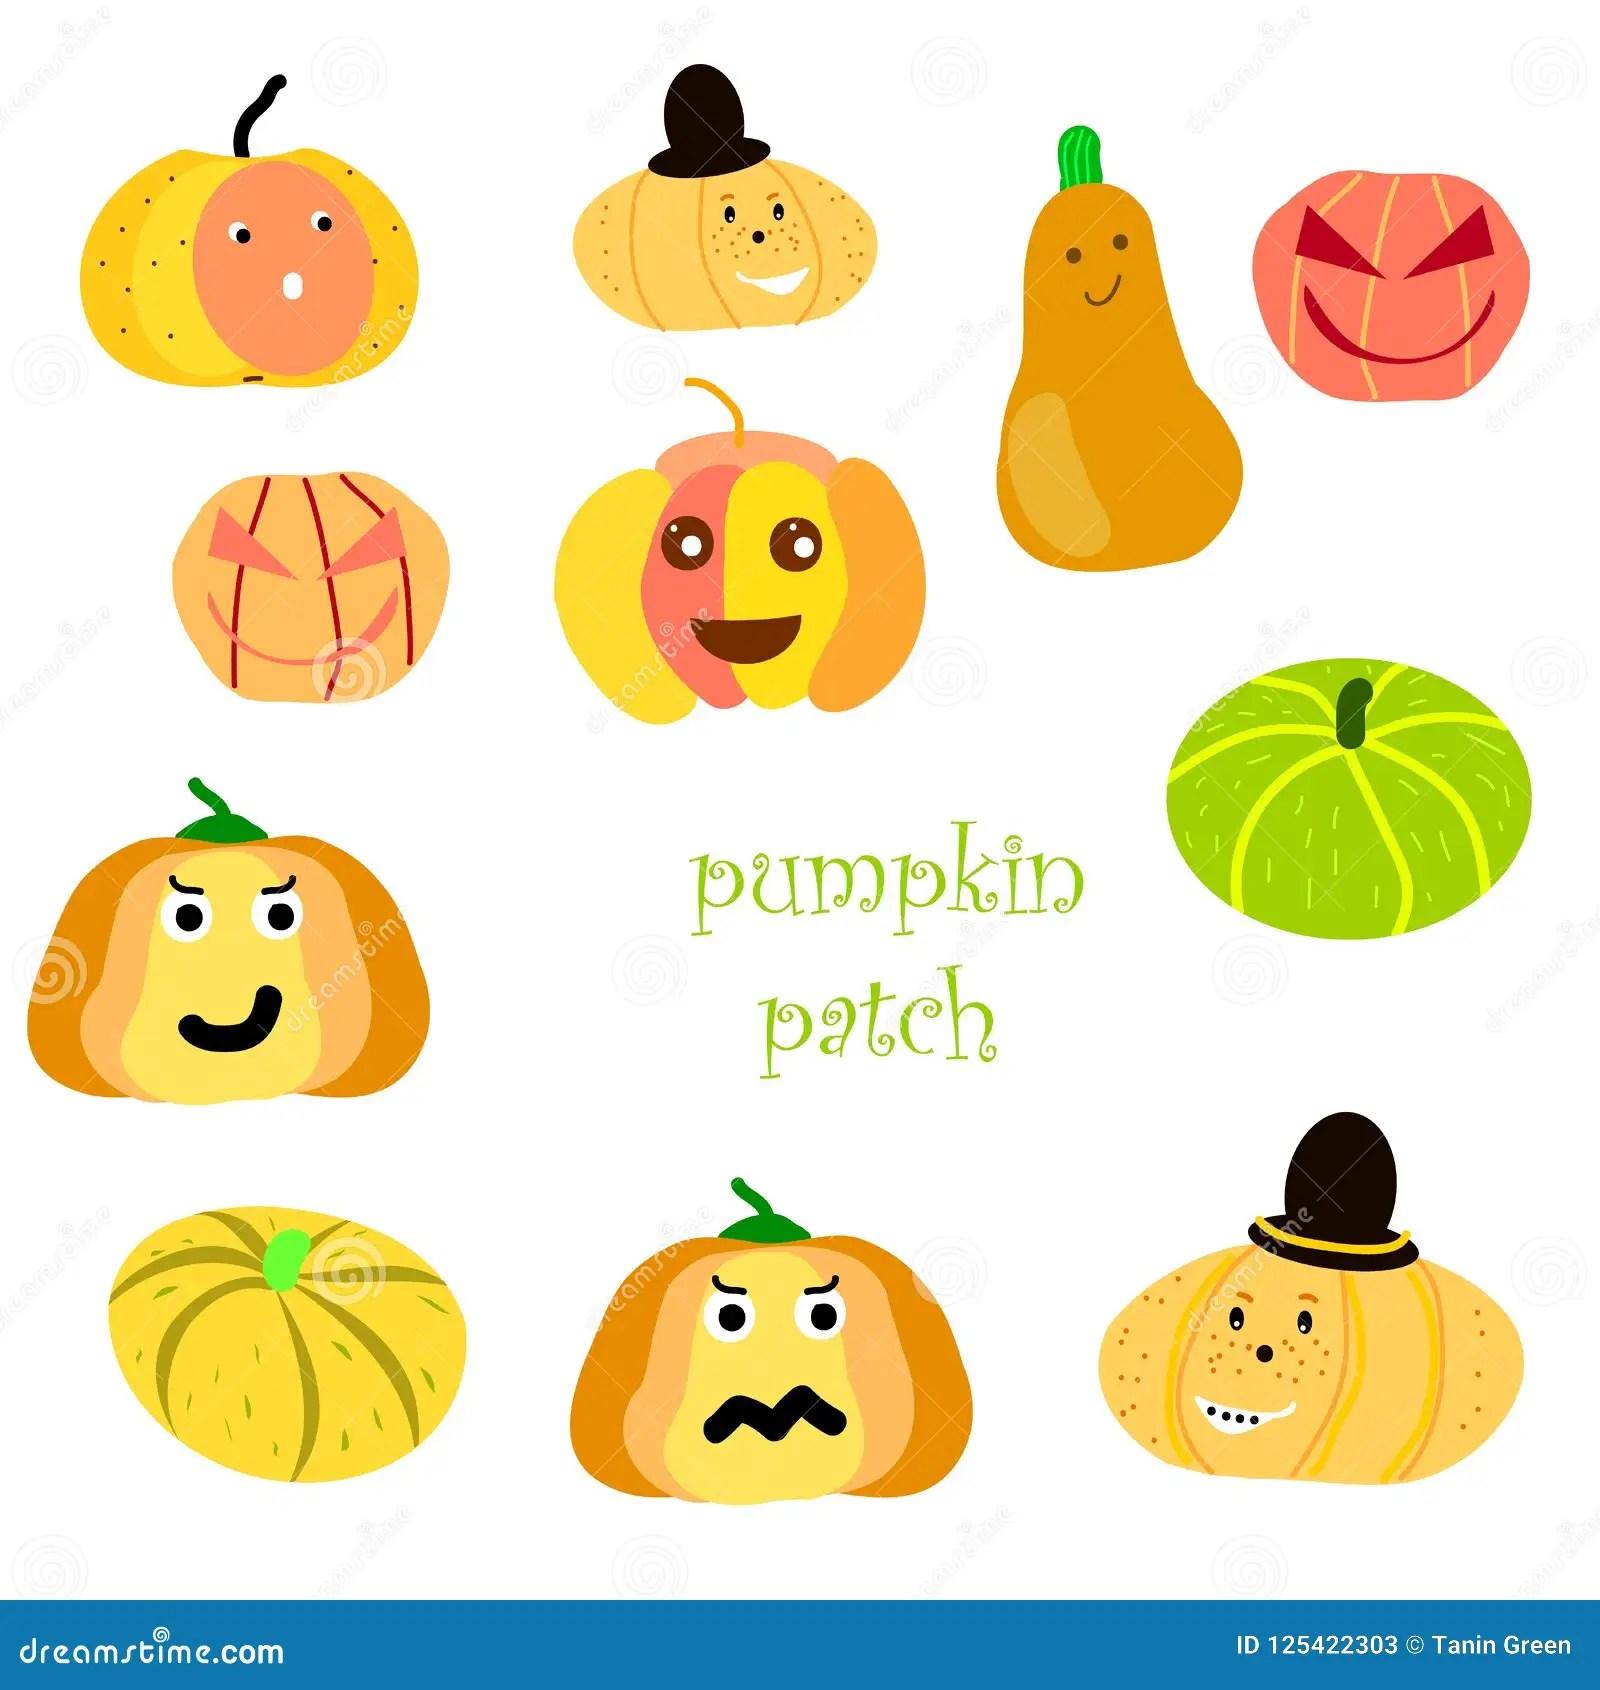 hight resolution of pumpkin patch clipart versatile cartoon characters